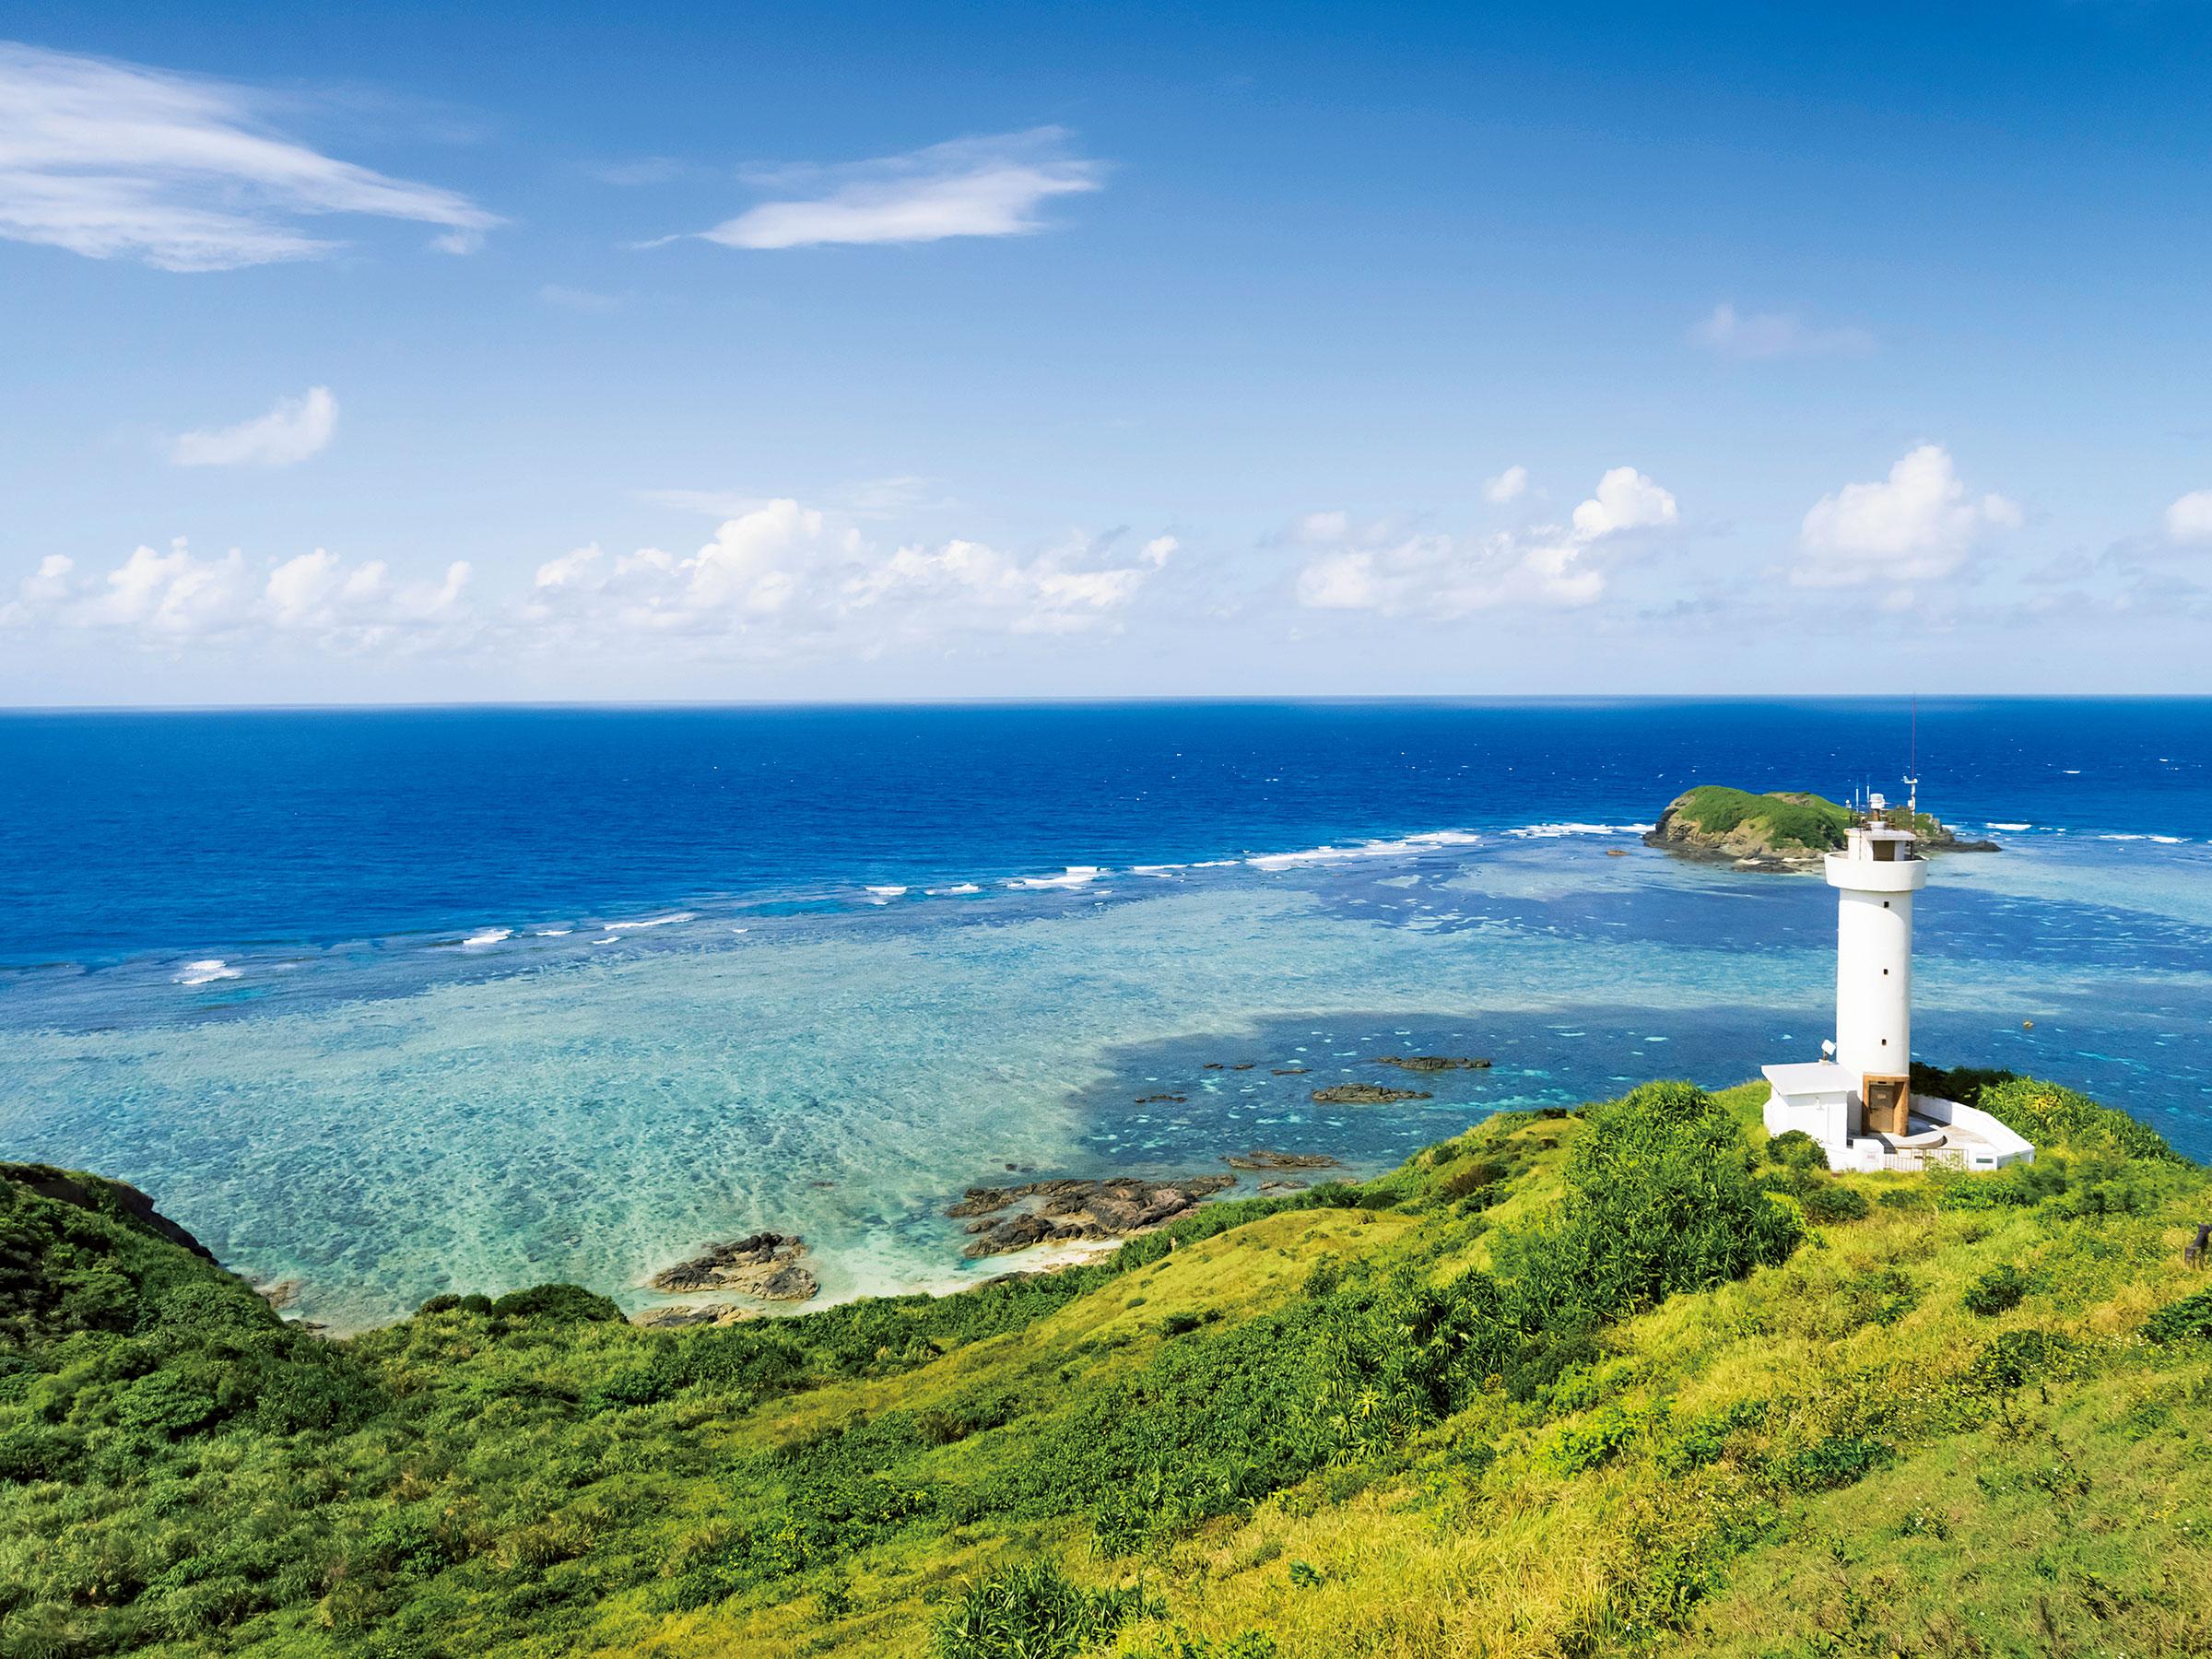 【沖縄】石垣島に奇跡のように息づく 珠玉のモノ作りを訪ねる